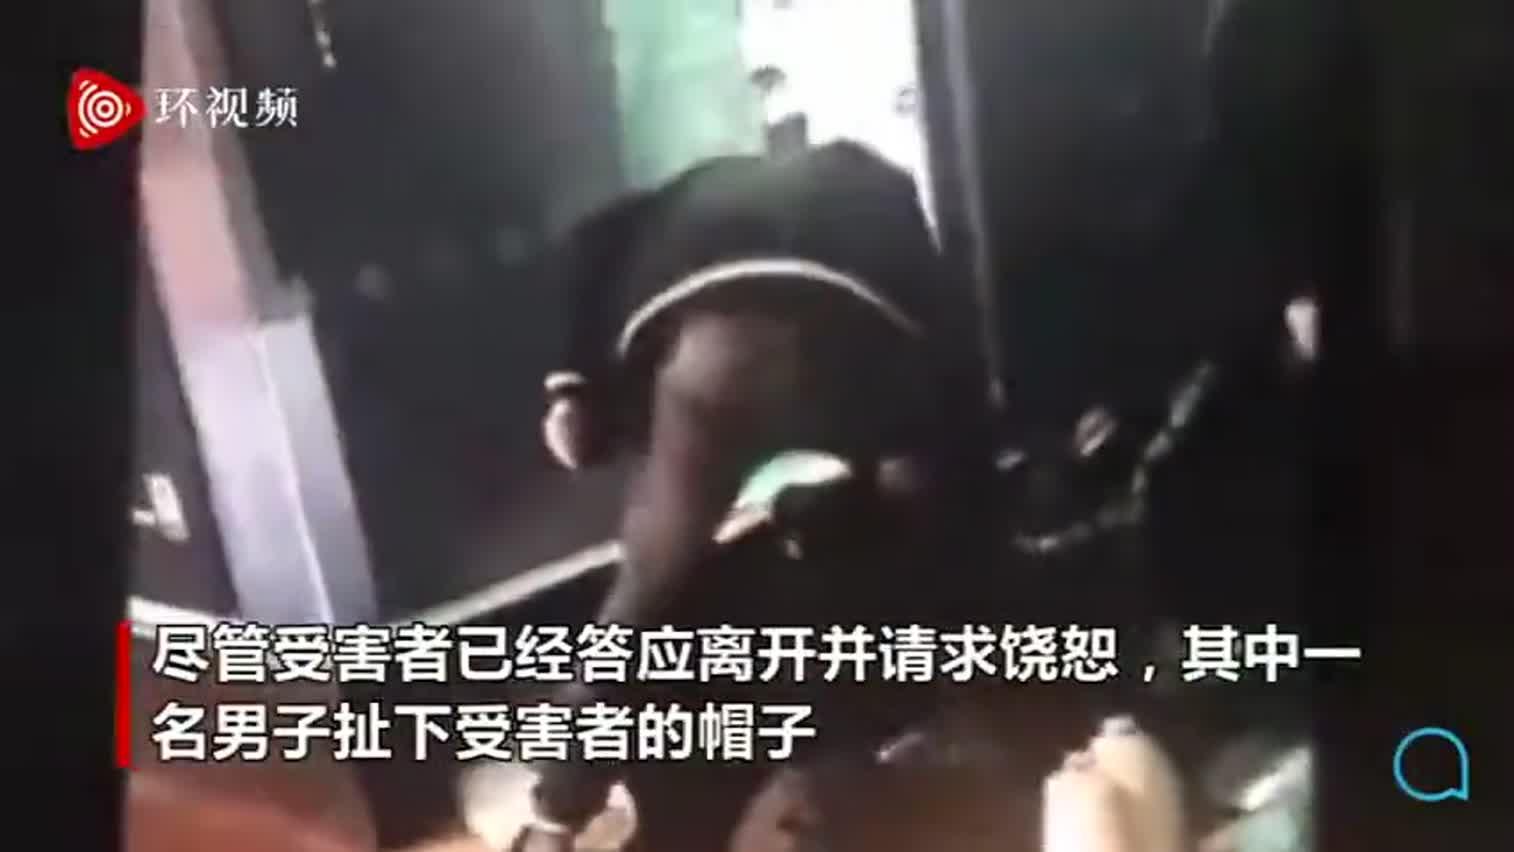 视频-英暴徒抢走流浪汉的鞋 并把牛奶浇其头上